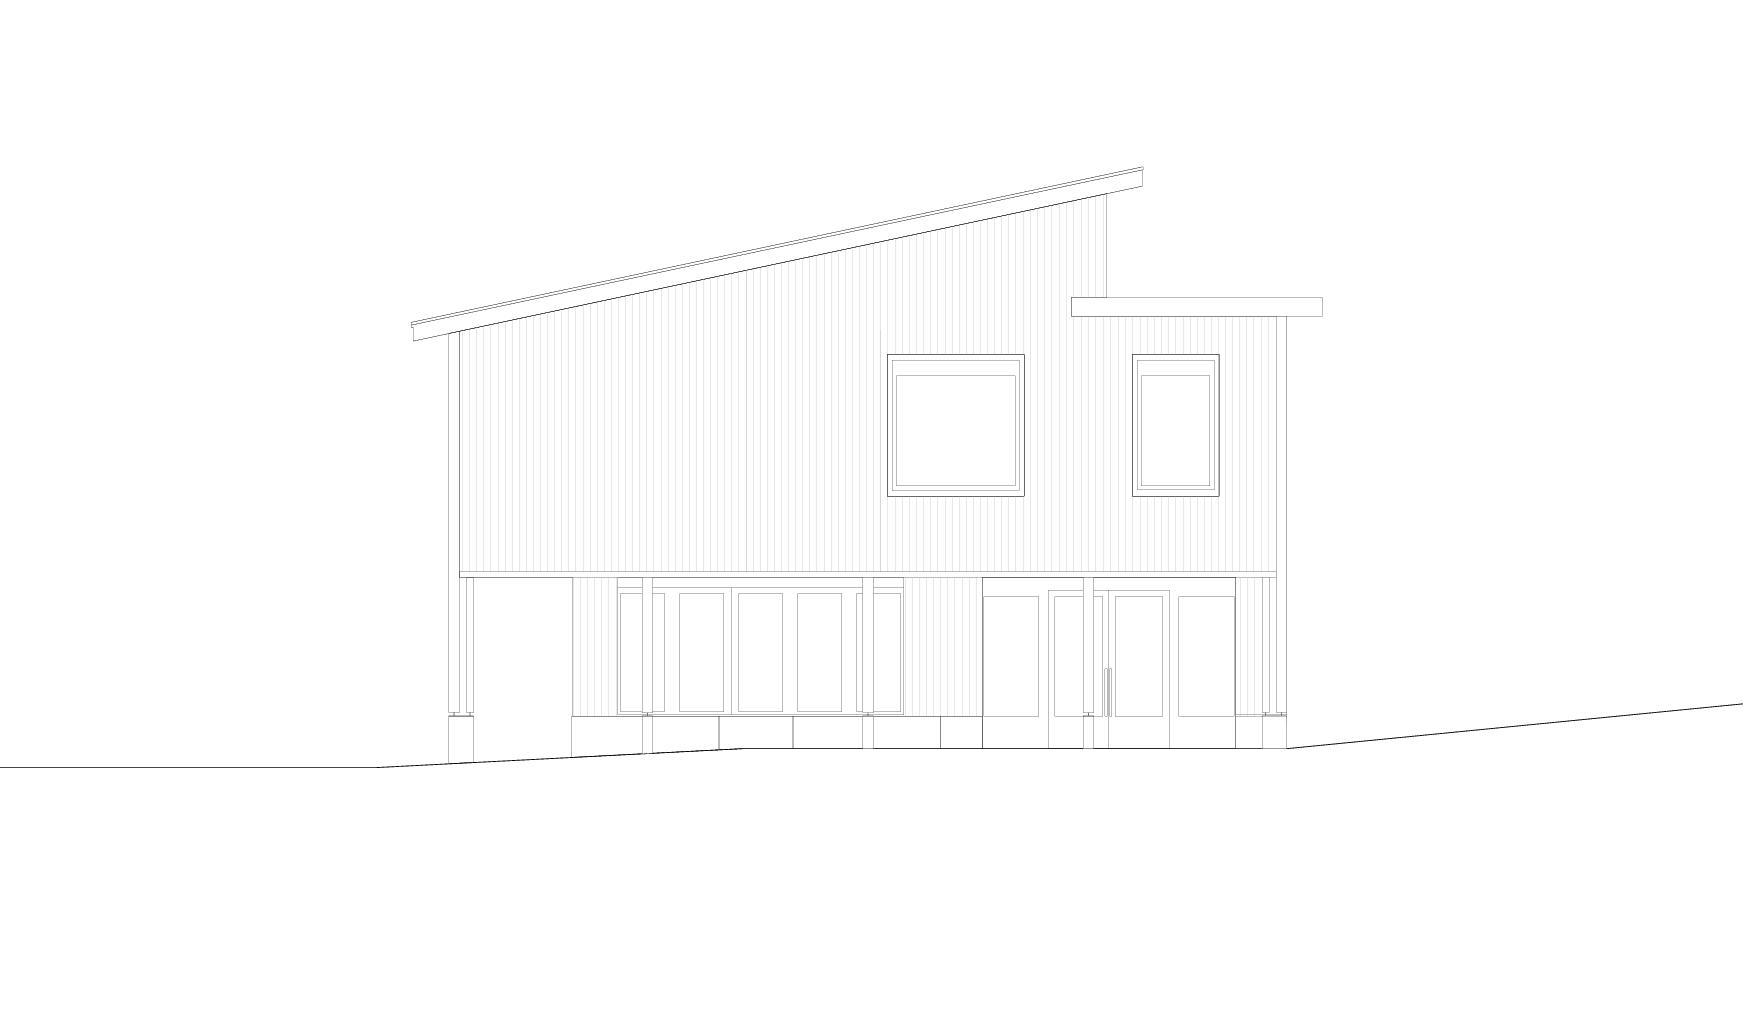 Ostfassade  Schulhaus Alp II, Wangen b. Olten von werk1 architekten und planer ag